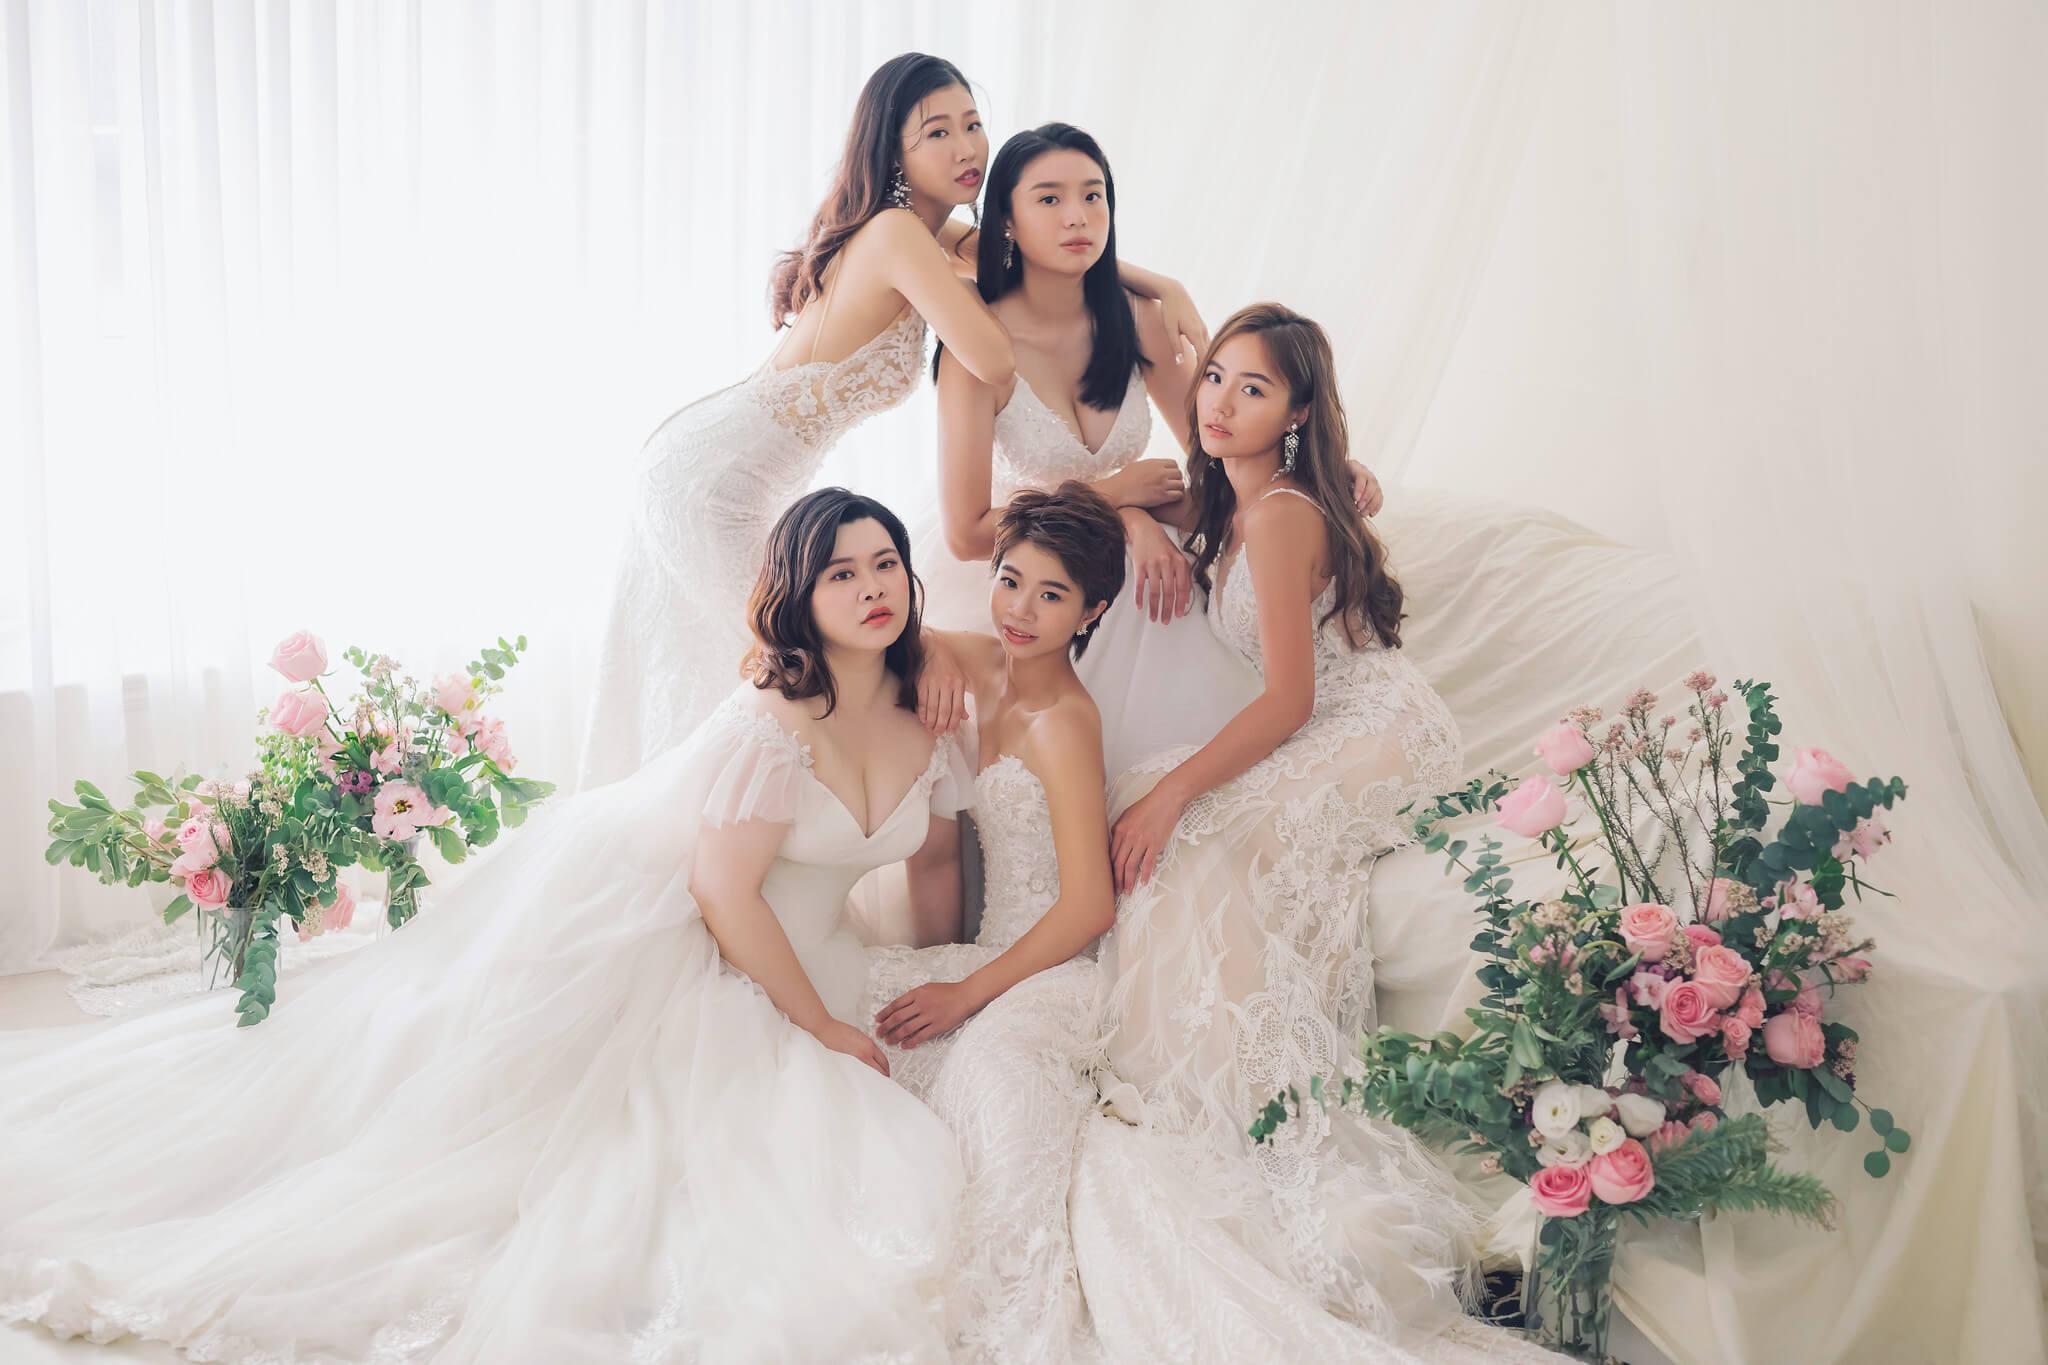 閨密寫真,閨密照,姐妹寫眞攝影,台北閨密攝影,閨密價格,閨密作品,閨密婚紗推薦,姊妹淘攝影,閨密婚紗照